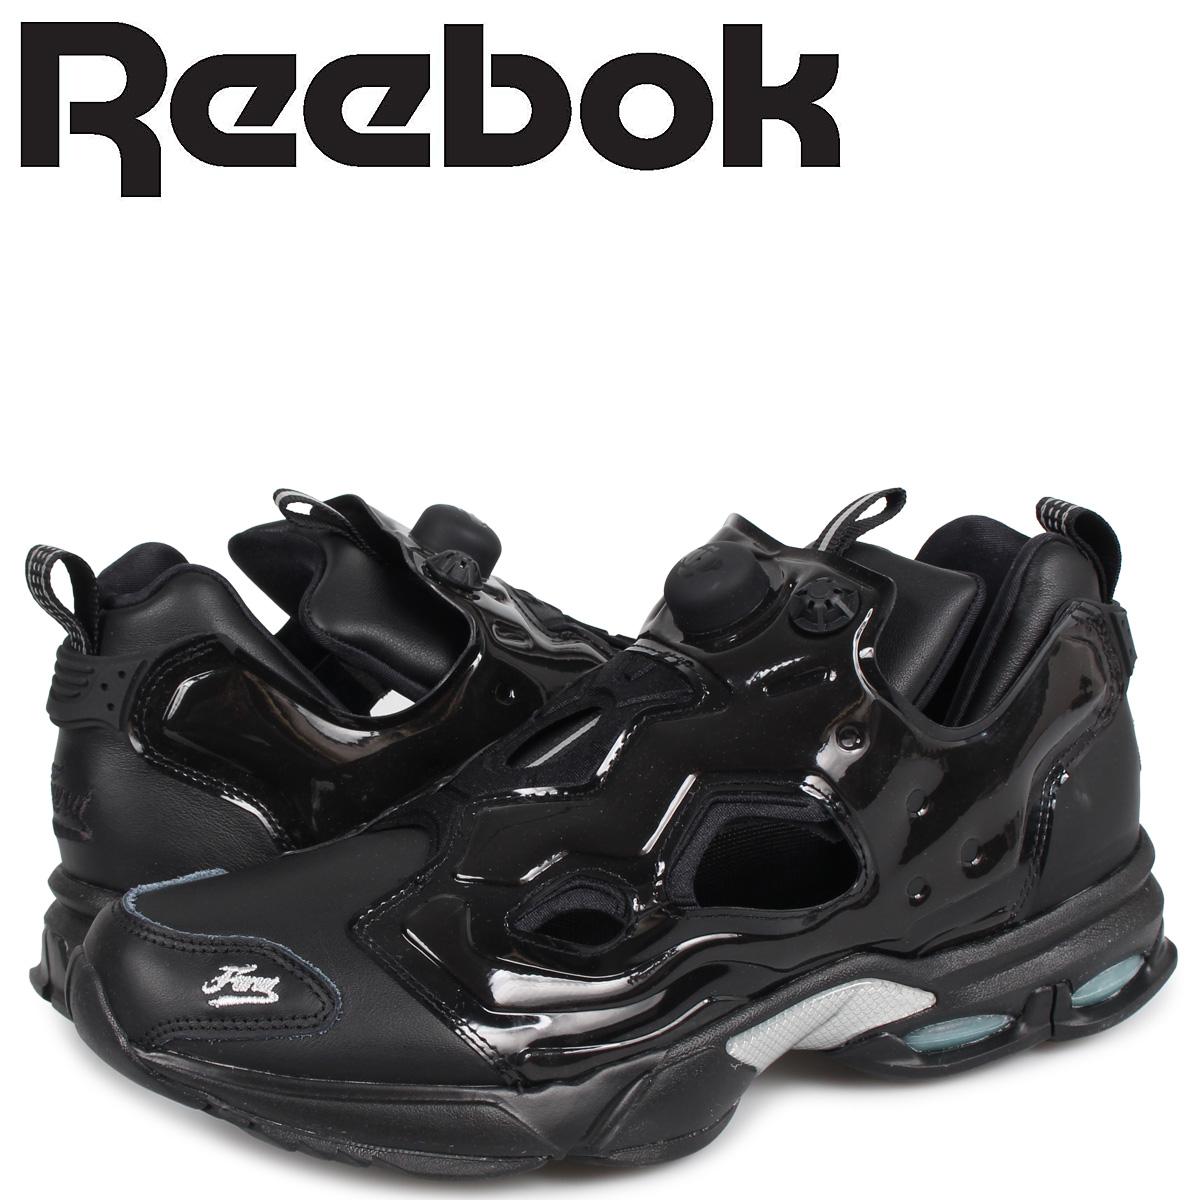 リーボック Reebok フューリー ミレニアム スニーカー メンズ FURY MILLENNIUM ブラック 黒 DV7676